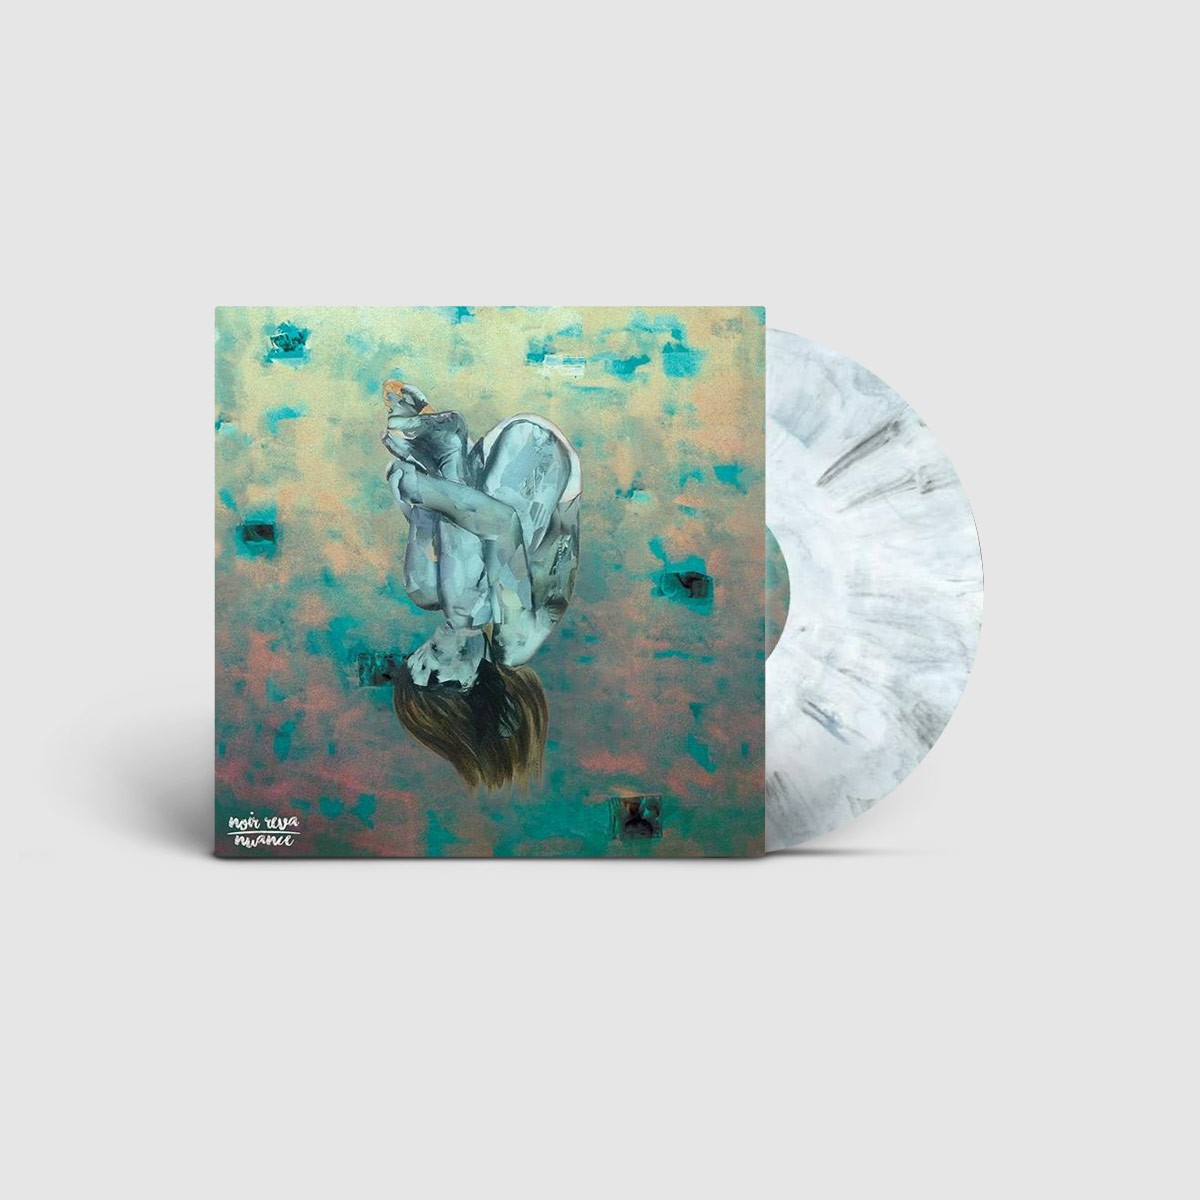 Noir Reva – Nuance LP